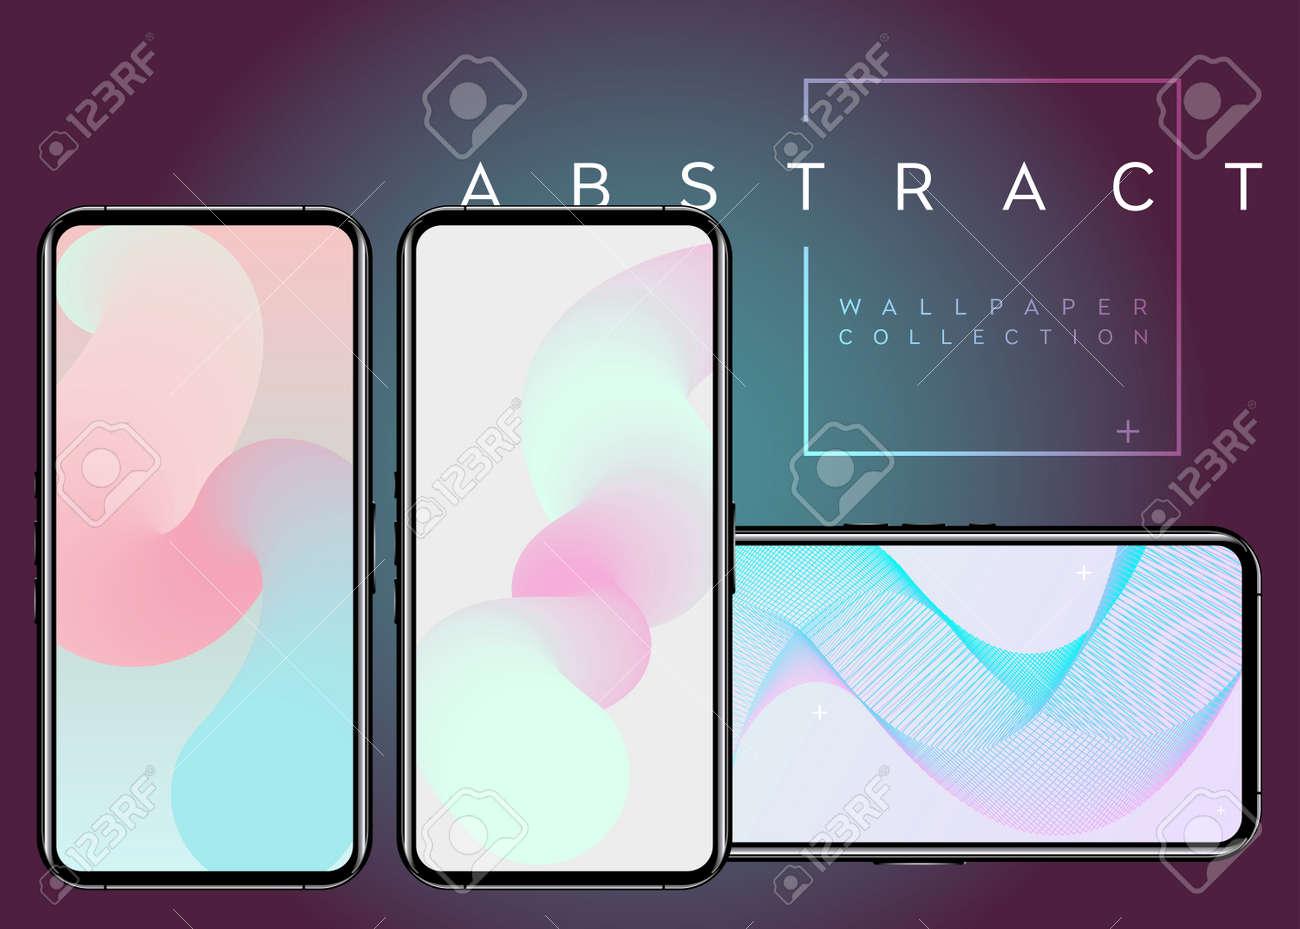 Phone X Abstract Fluid Vector Wallpapers Colores Pastel En La Pantalla Del Dispositivo Diseño De Fondo Digital Moderno Patrón Geométrico Mínimo